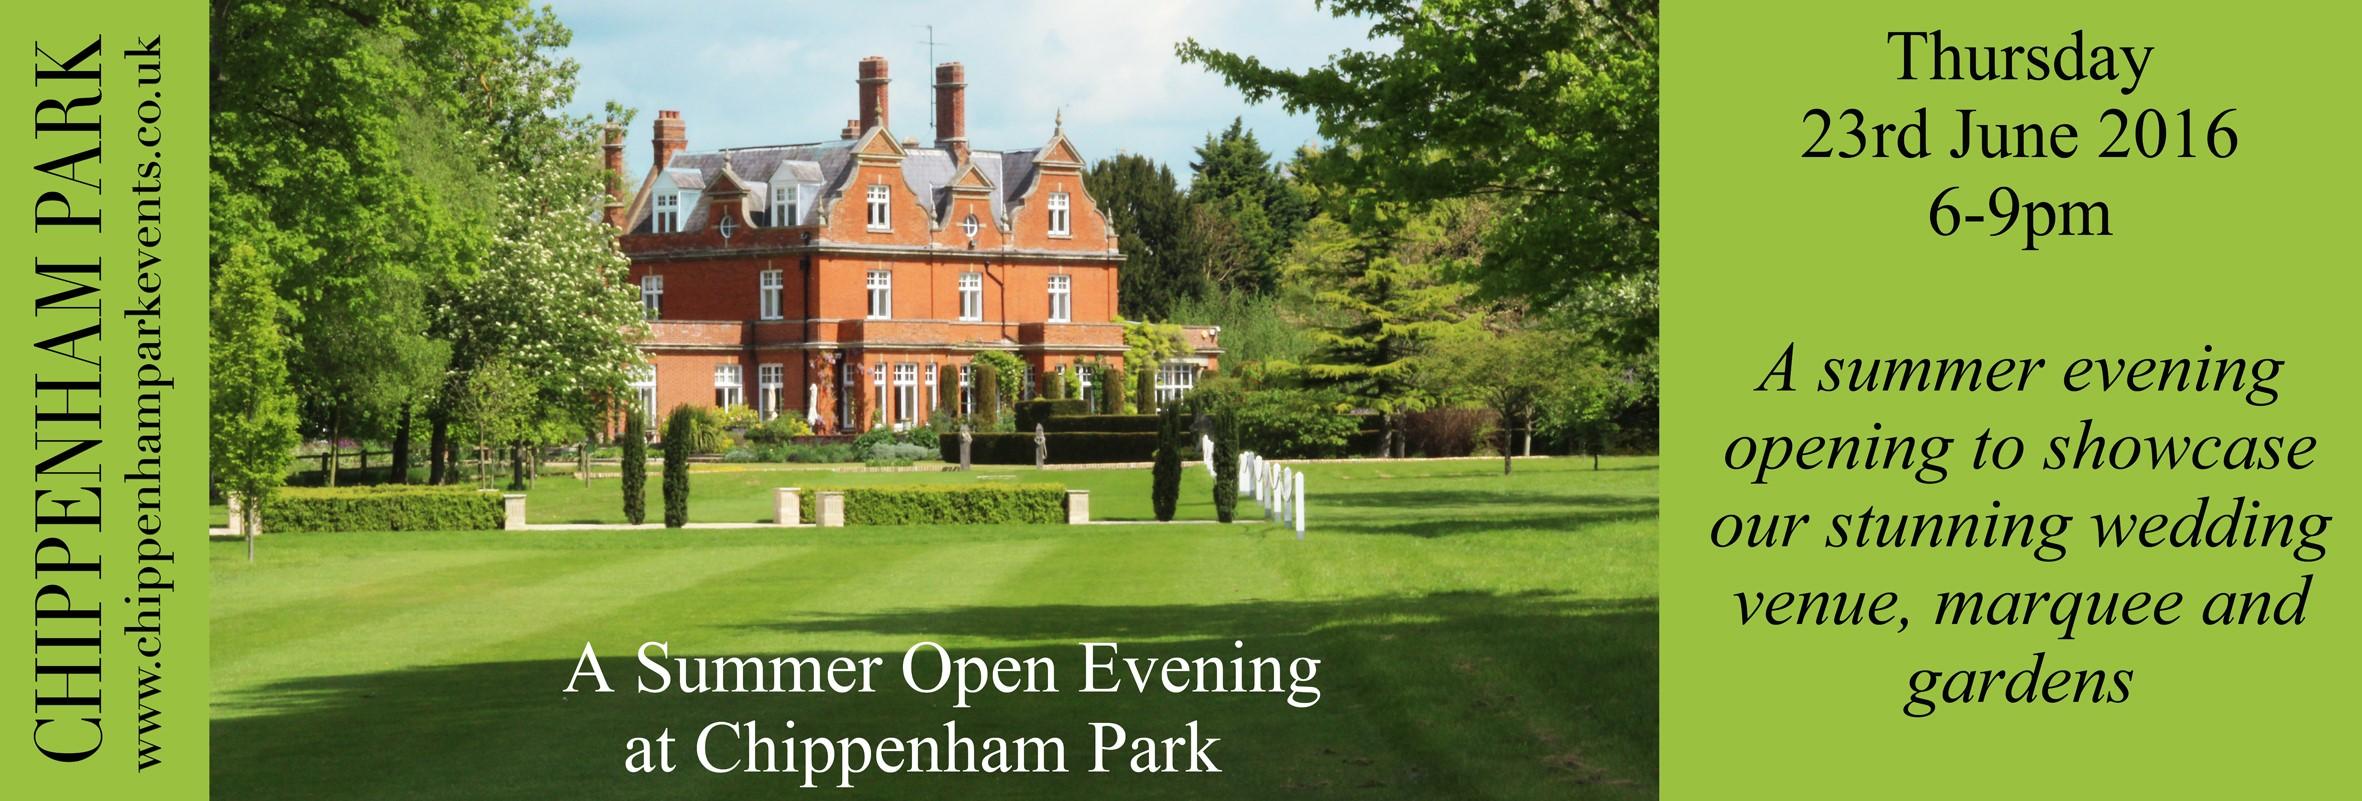 Chippenham Park Open Evening